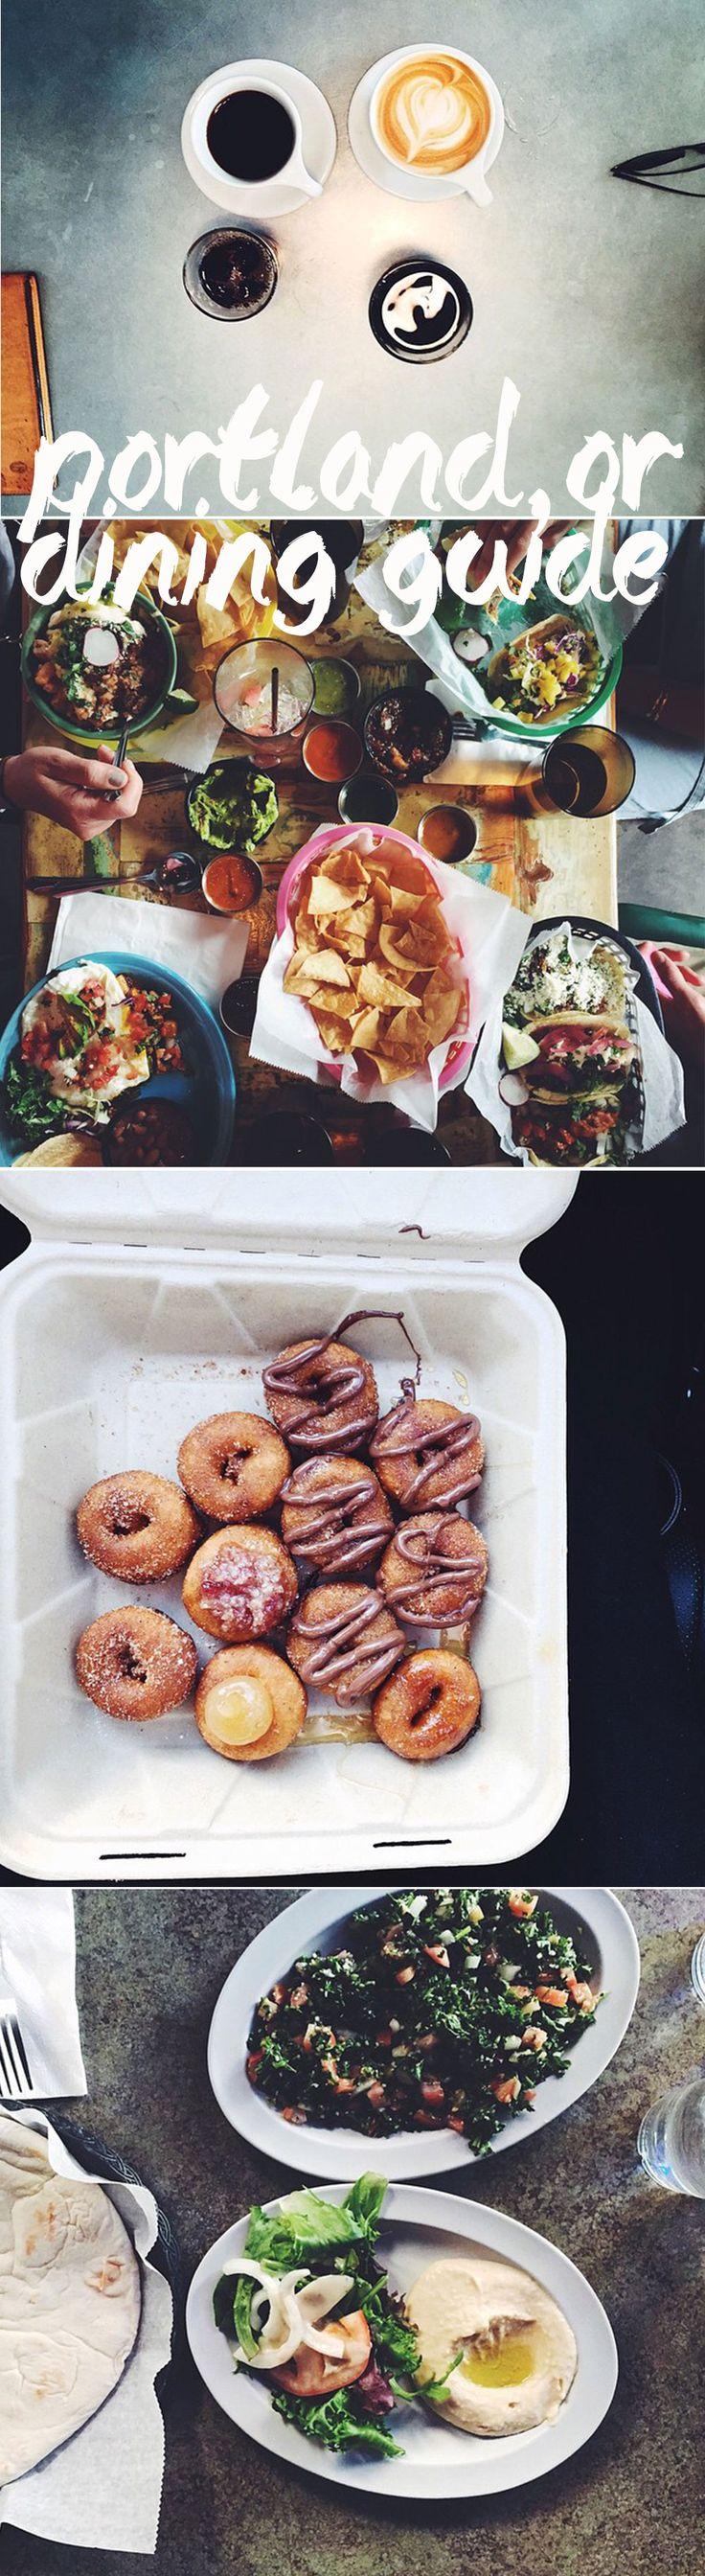 Full Portland, Oregon Dining Guide! #food #portland #oregon #vegan #healthy #coffee